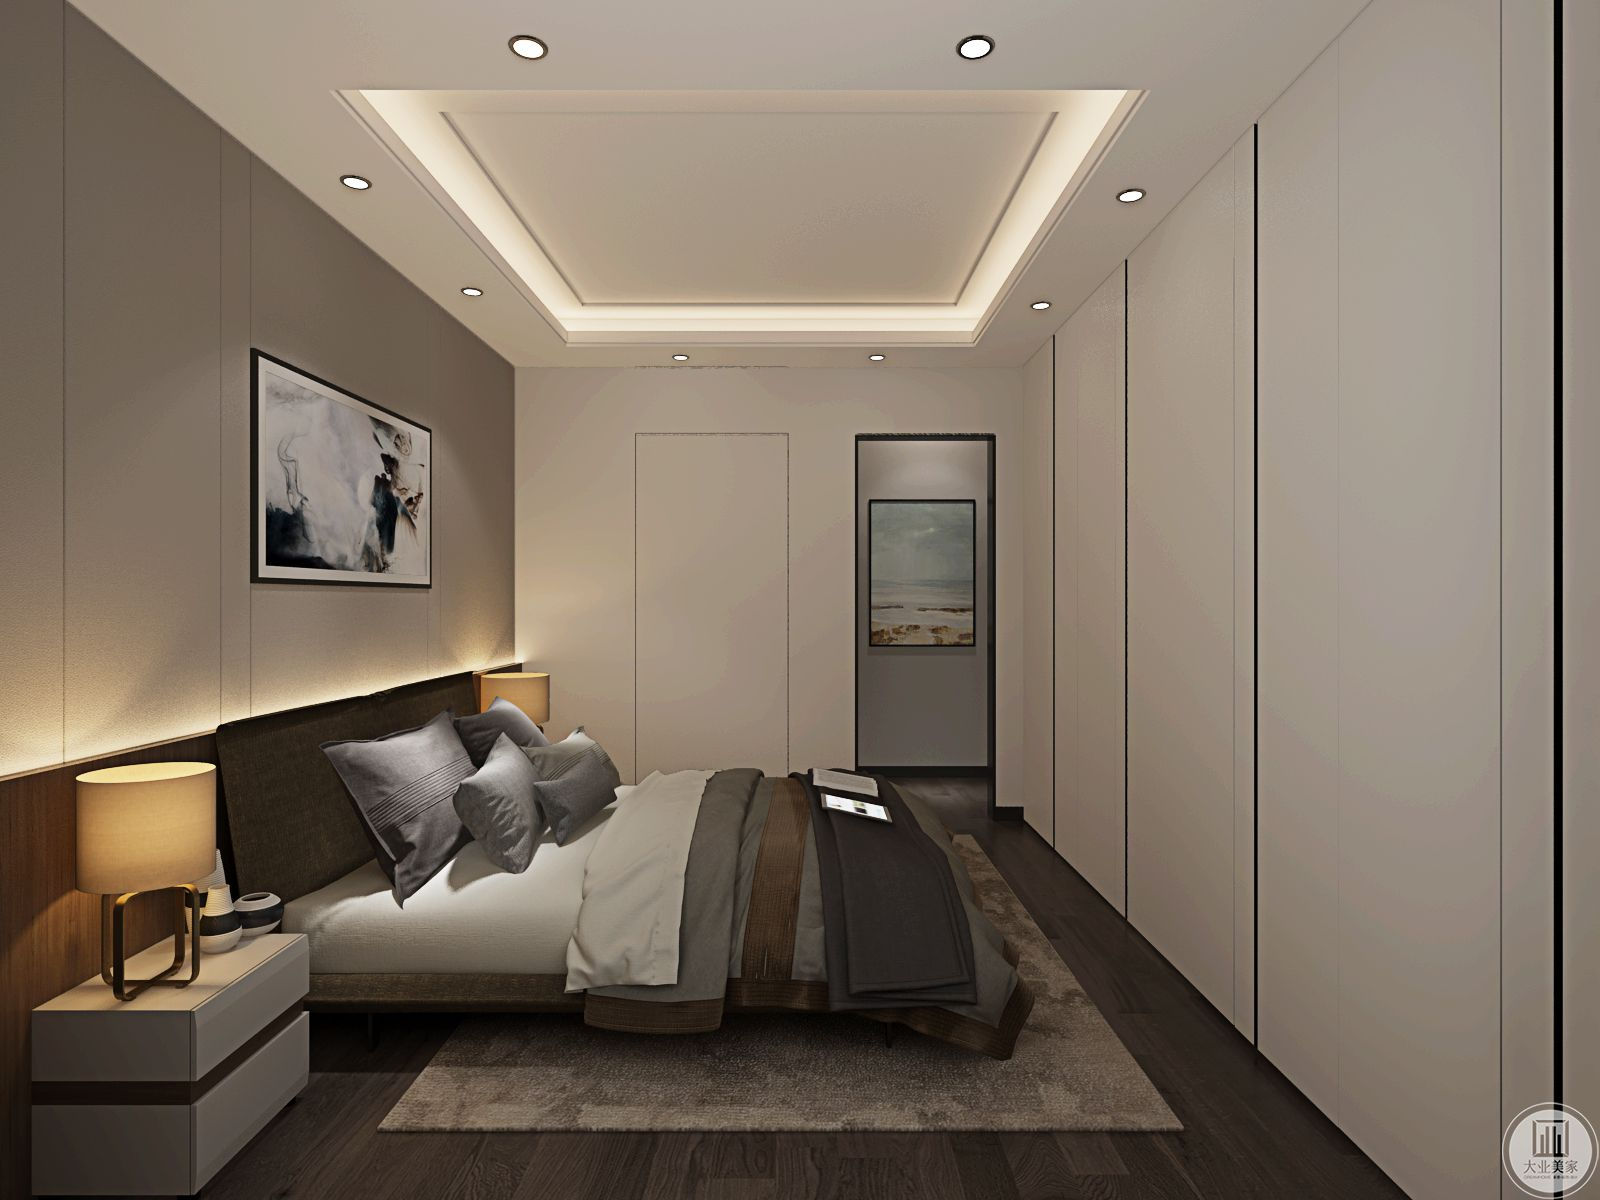 卧室对材料的质感要求很高,简约的设计达到了以简盛繁的效果